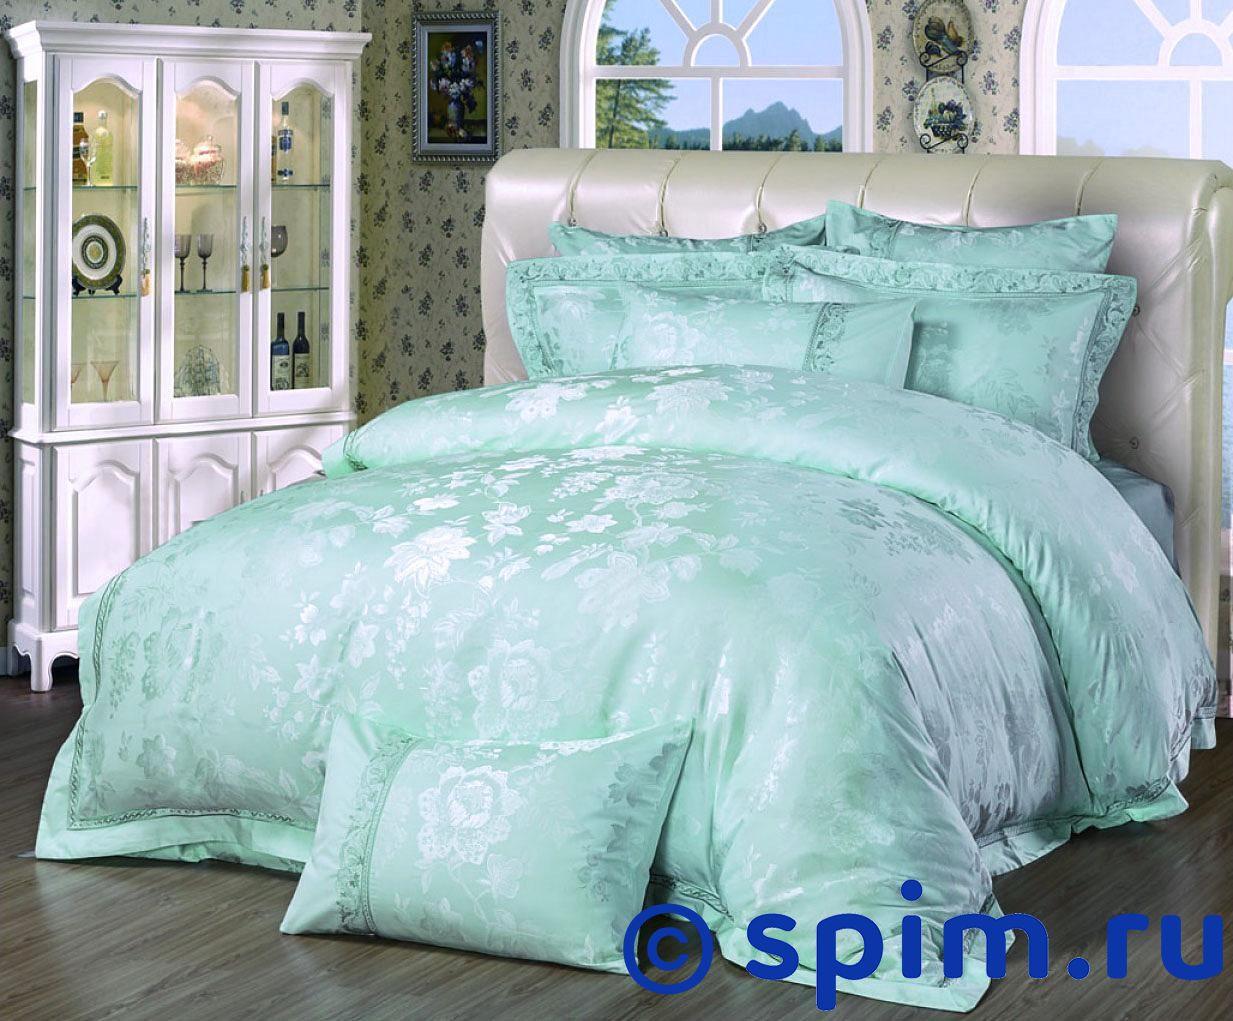 Комплект Asabella 663 Евро-максиЖаккардовое постельное белье Asabella<br>Состав: жаккард, вышивка(55% вискоза, 45% хлопок). Размер : Евро-макси<br><br>Размер: Евро-макси